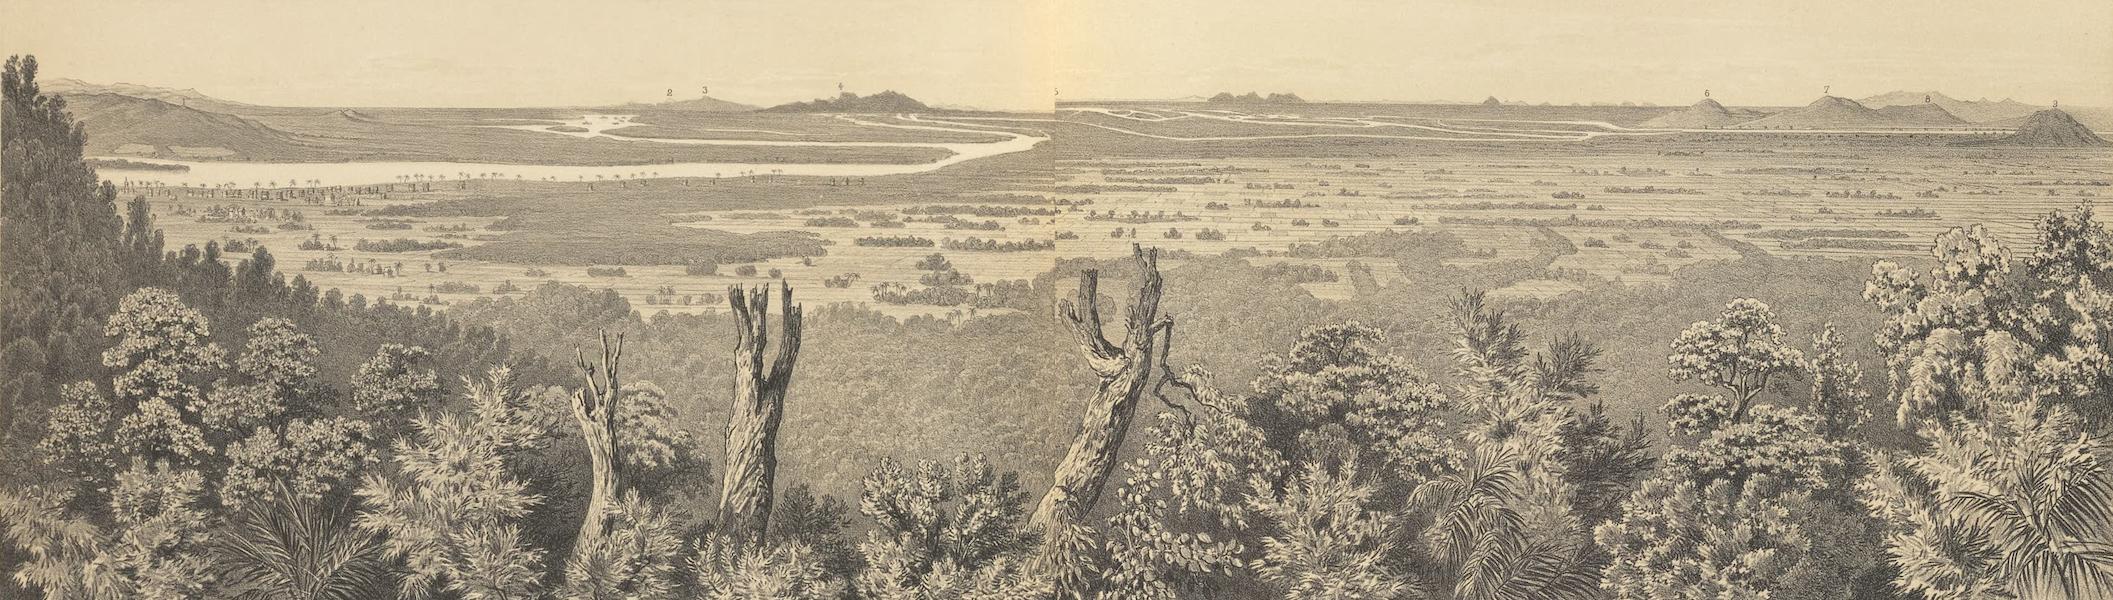 Voyage d'Exploration en Indo-Chine [Atlas-Vol. 1] - Panorama du Groupe d'Iles de Khong (Pris du Sommet de Phou Hin Khong) (1873)